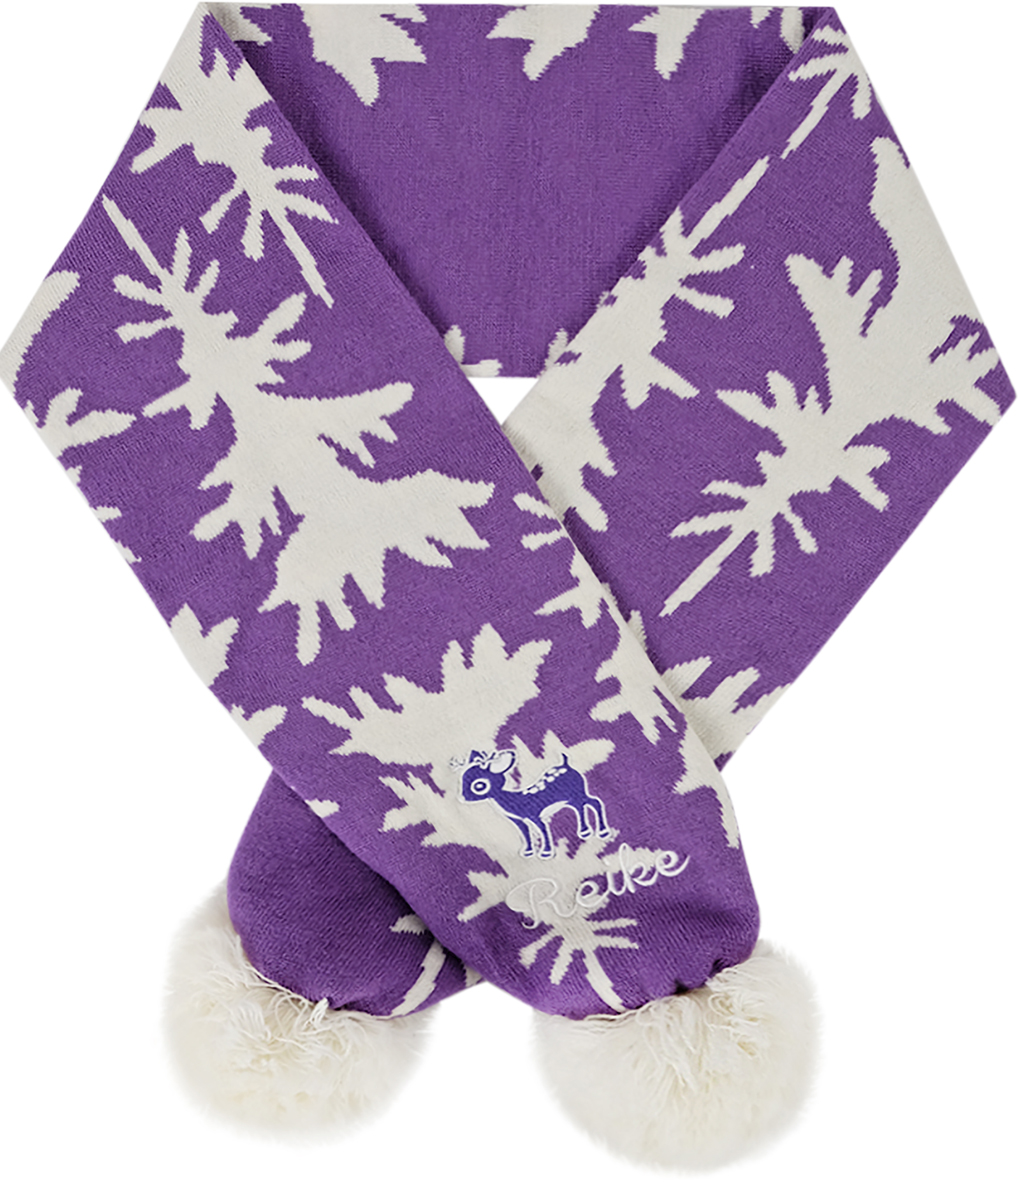 Шарф для девочек Reike, цвет: фиолетовый. RSC1718_DR purple. Размер универсальныйRSC1718_DR purpleШарф Reike двухслойной вязки выполнен из материала, который хорошо сохраняет тепло. Оформлен объемными помпонами и вышивкой. Незаменимый аксессуар для холодной осени и зимы. Размер 120х16,5 см.